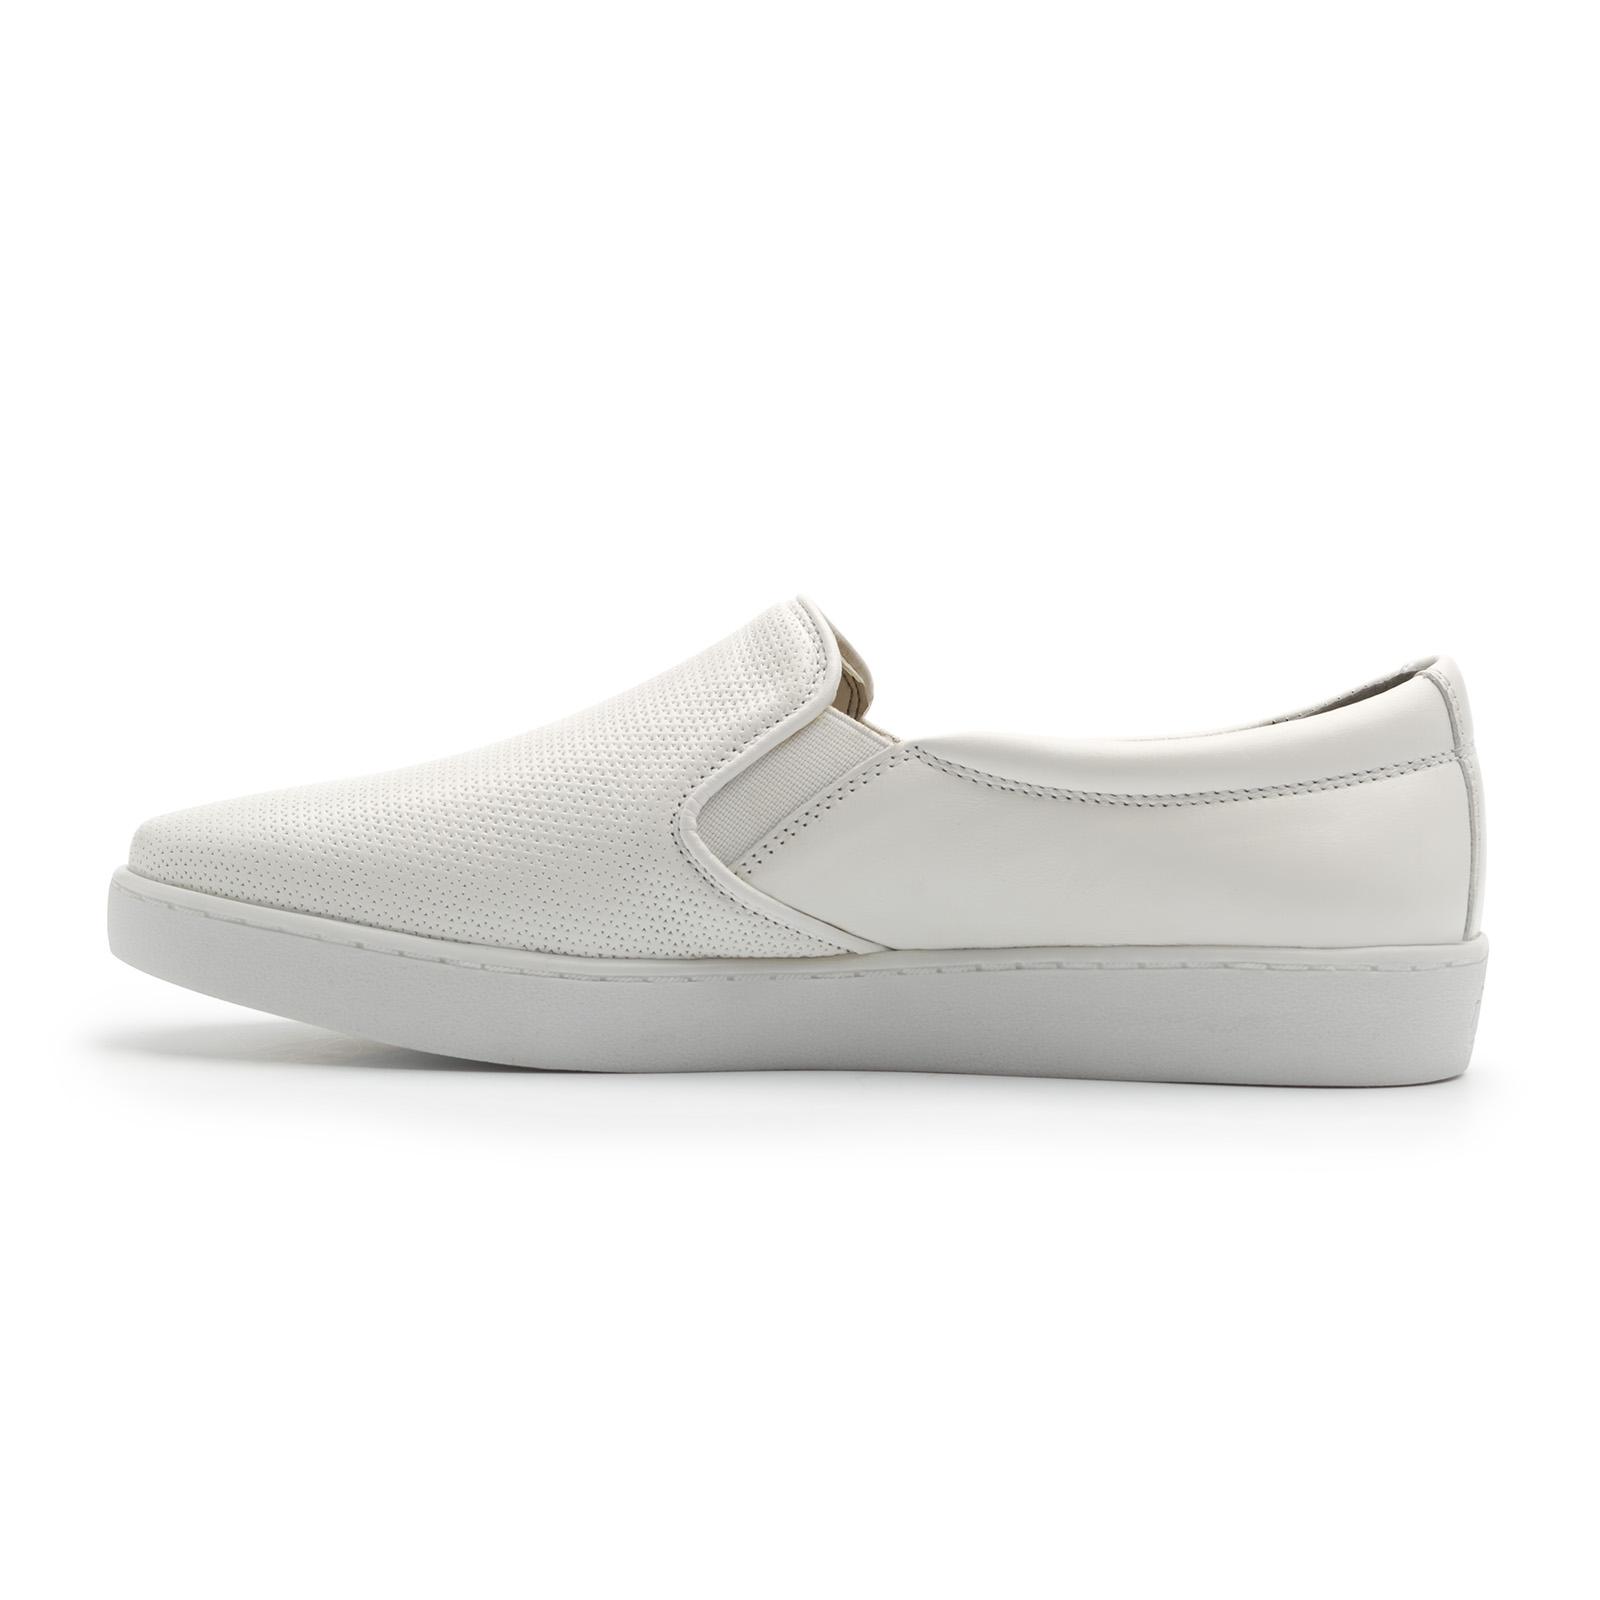 Chaussures Formelles Pour Les Femmes Blanches Softaise ppJIKUnH